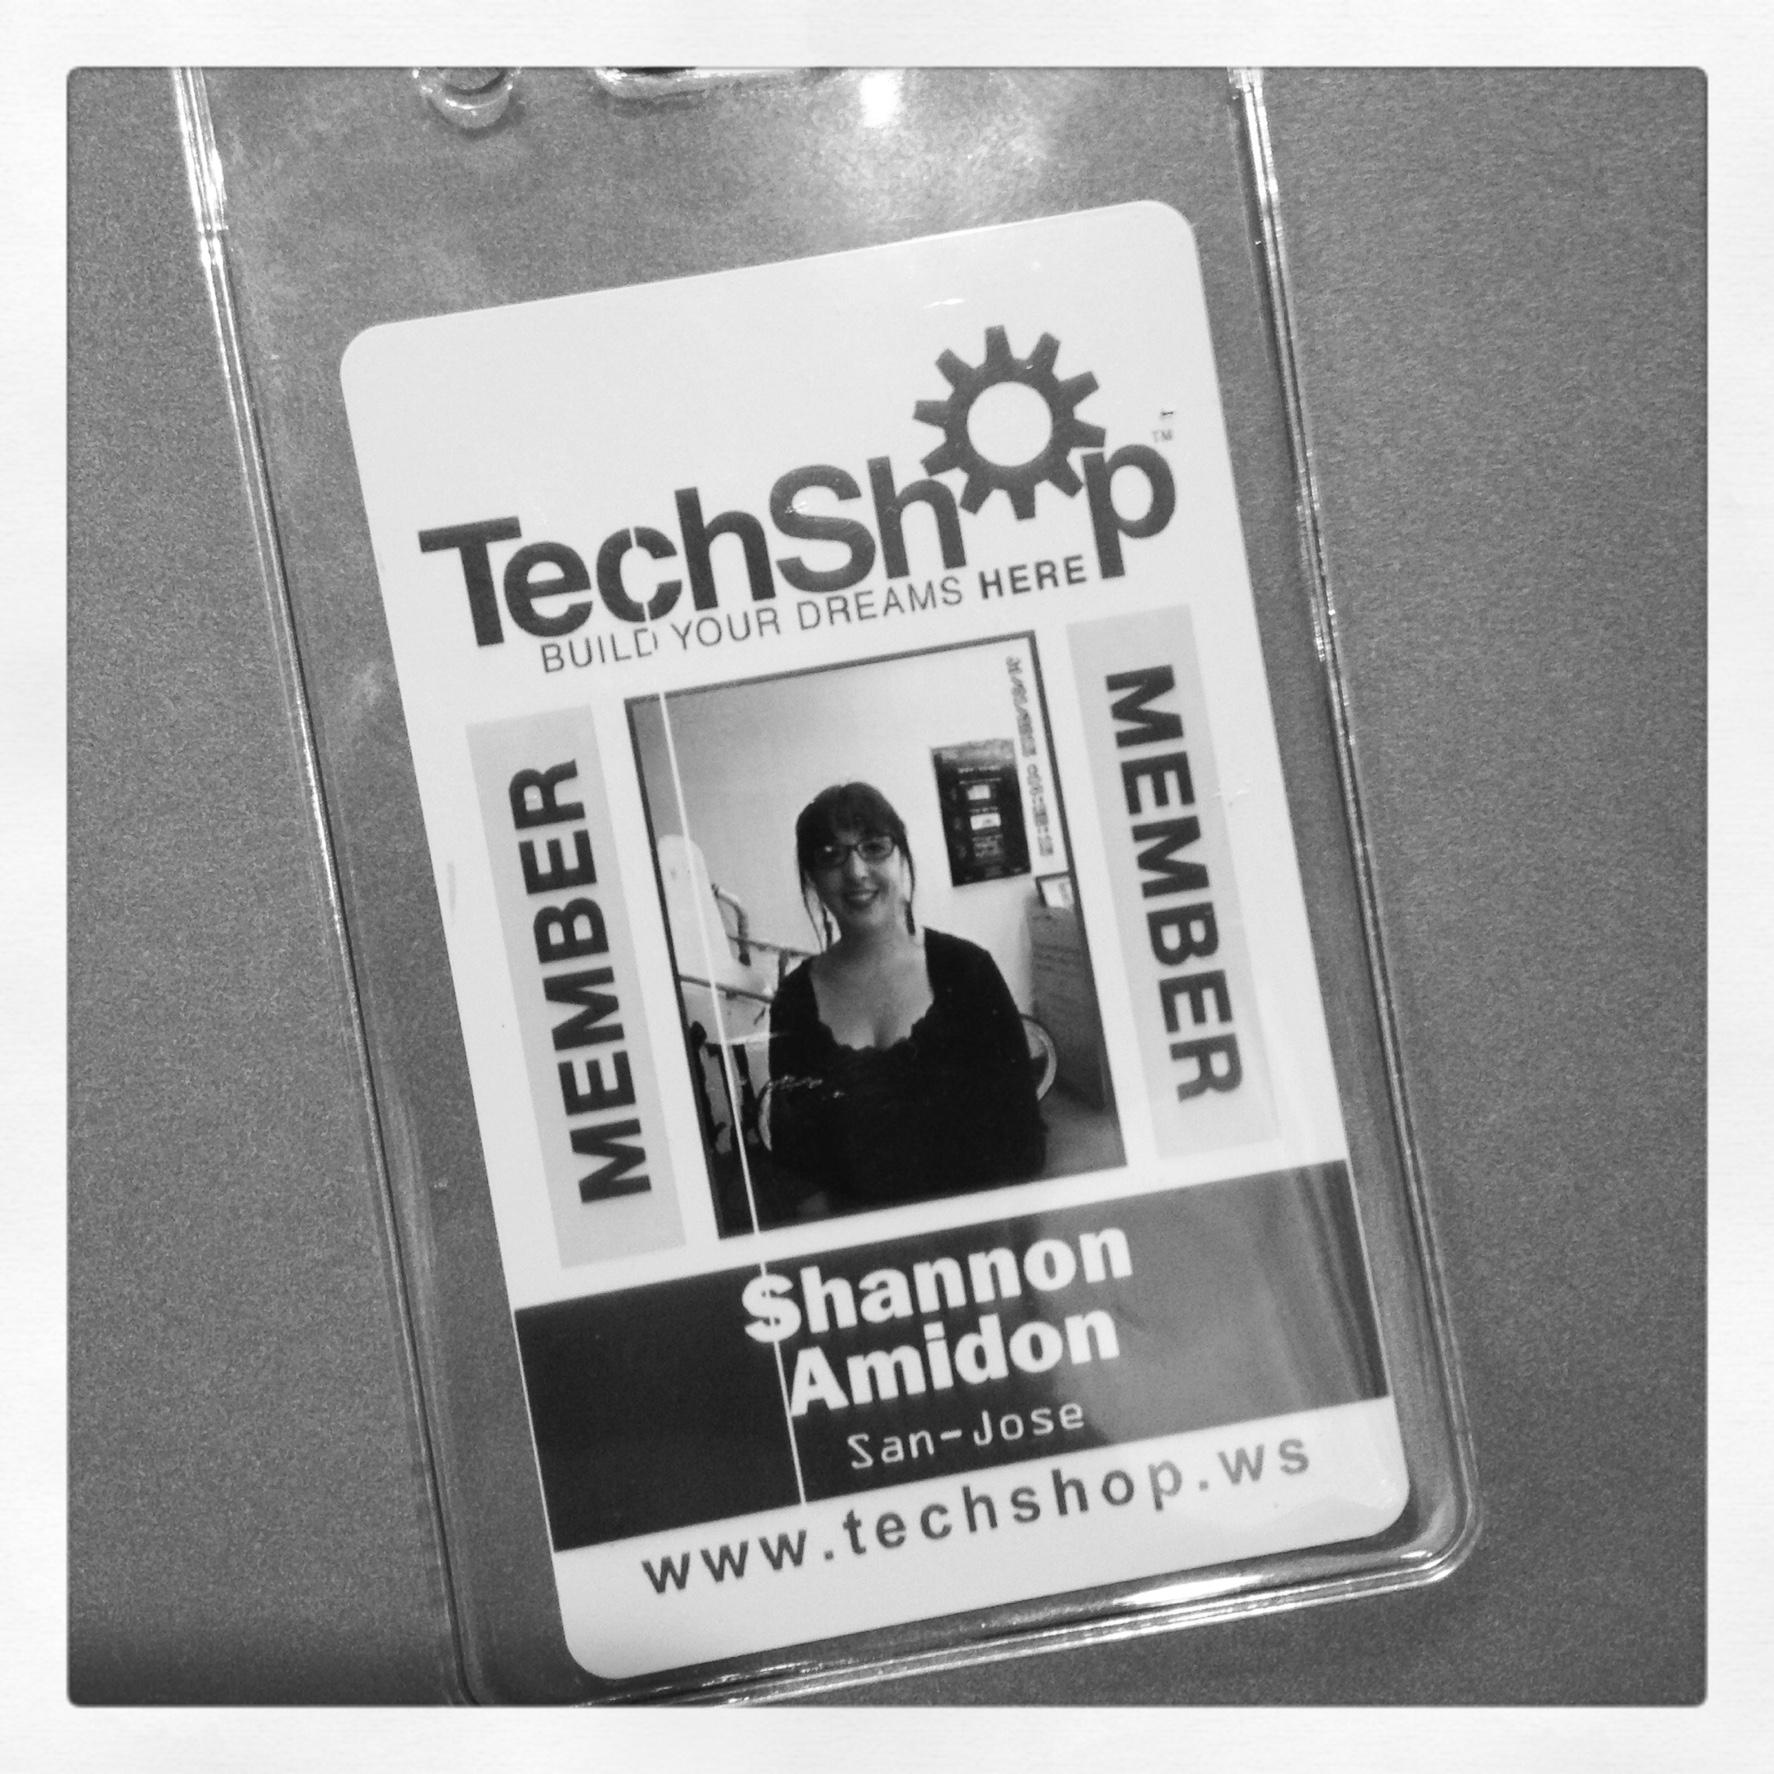 My Tech Shop membership badge